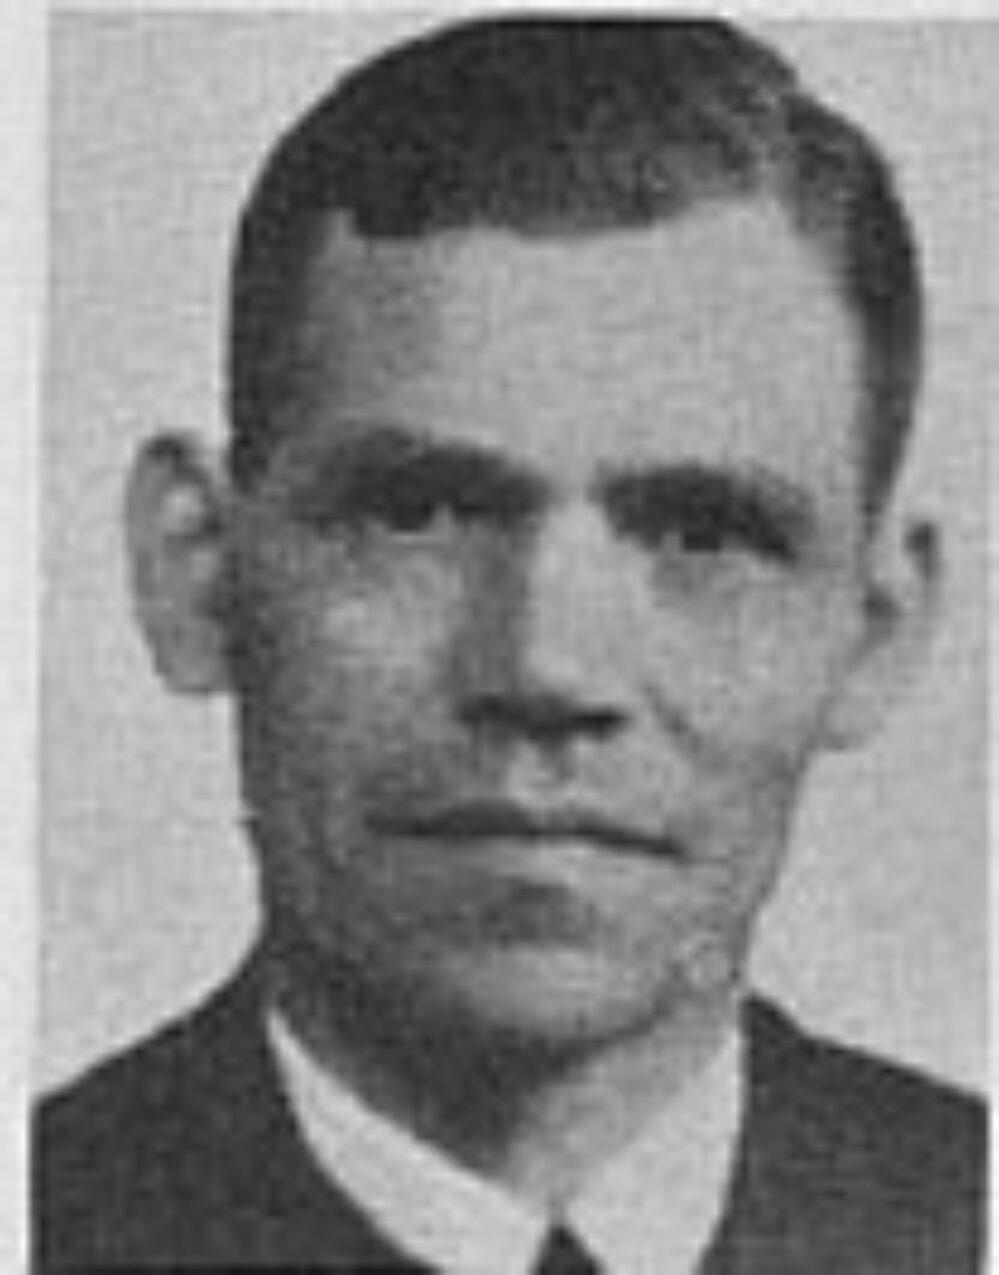 Martin Angel Gunerussen Monsås